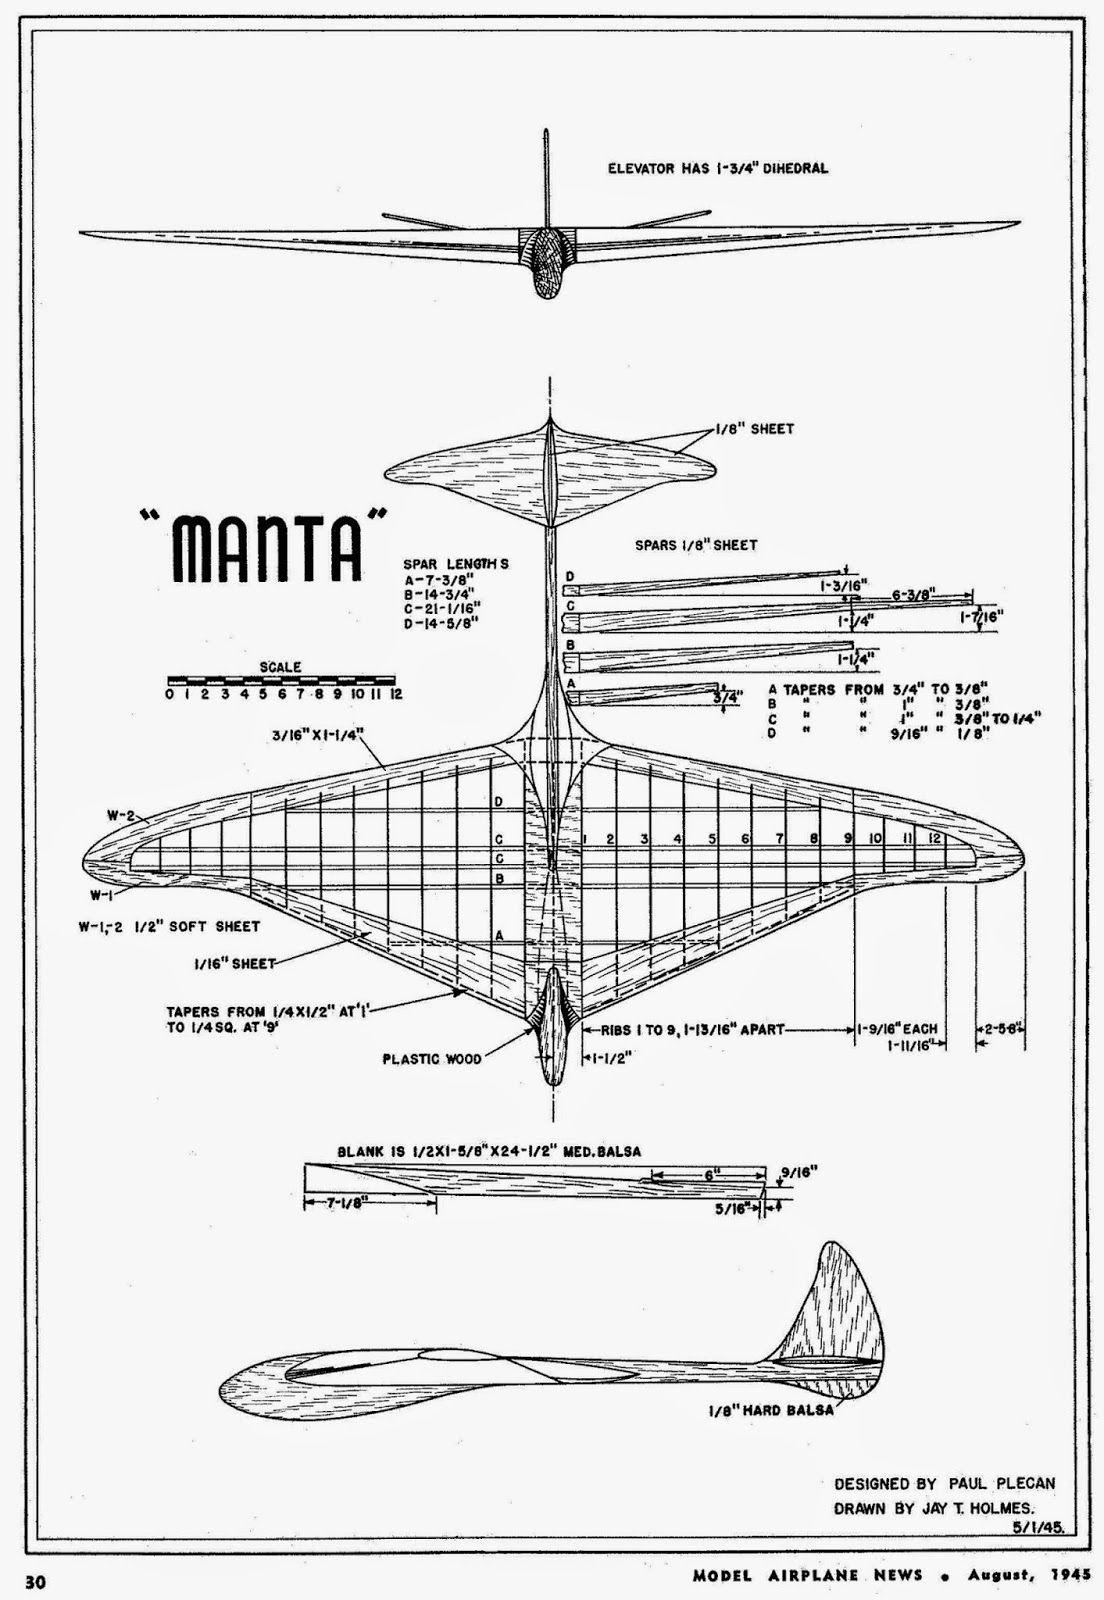 Volar Libremente Free Flight Gliders Manta De Paul Plecan 1945